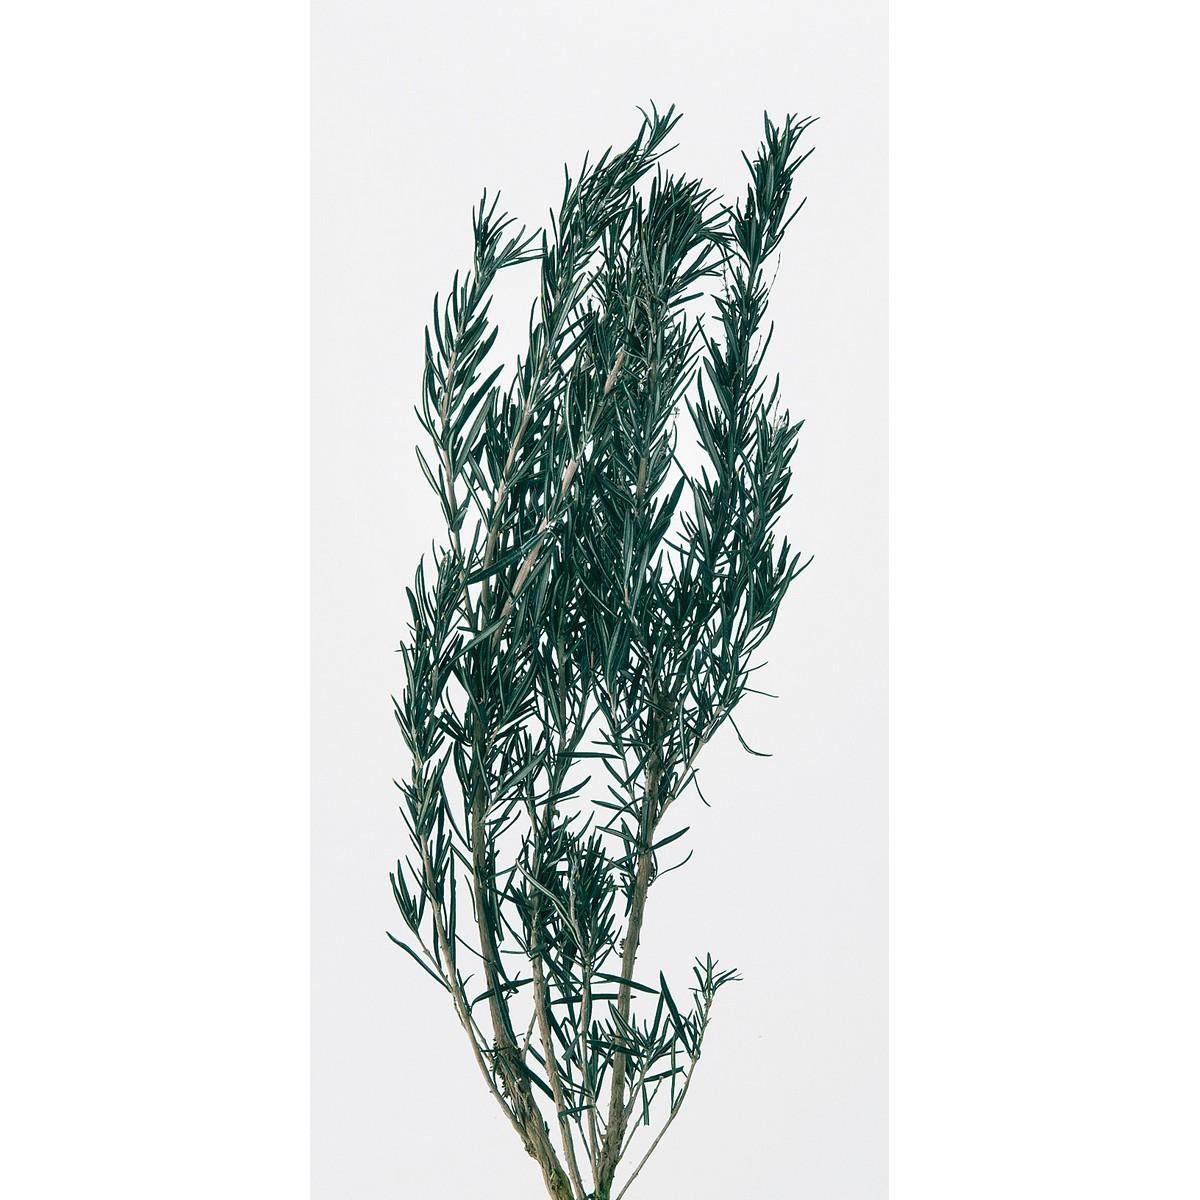 即日 【プリザーブド】大地農園/ローズマリー 約2本グリーン/00180-700《 プリザーブドフラワー プリザーブドグリーン 葉物 》